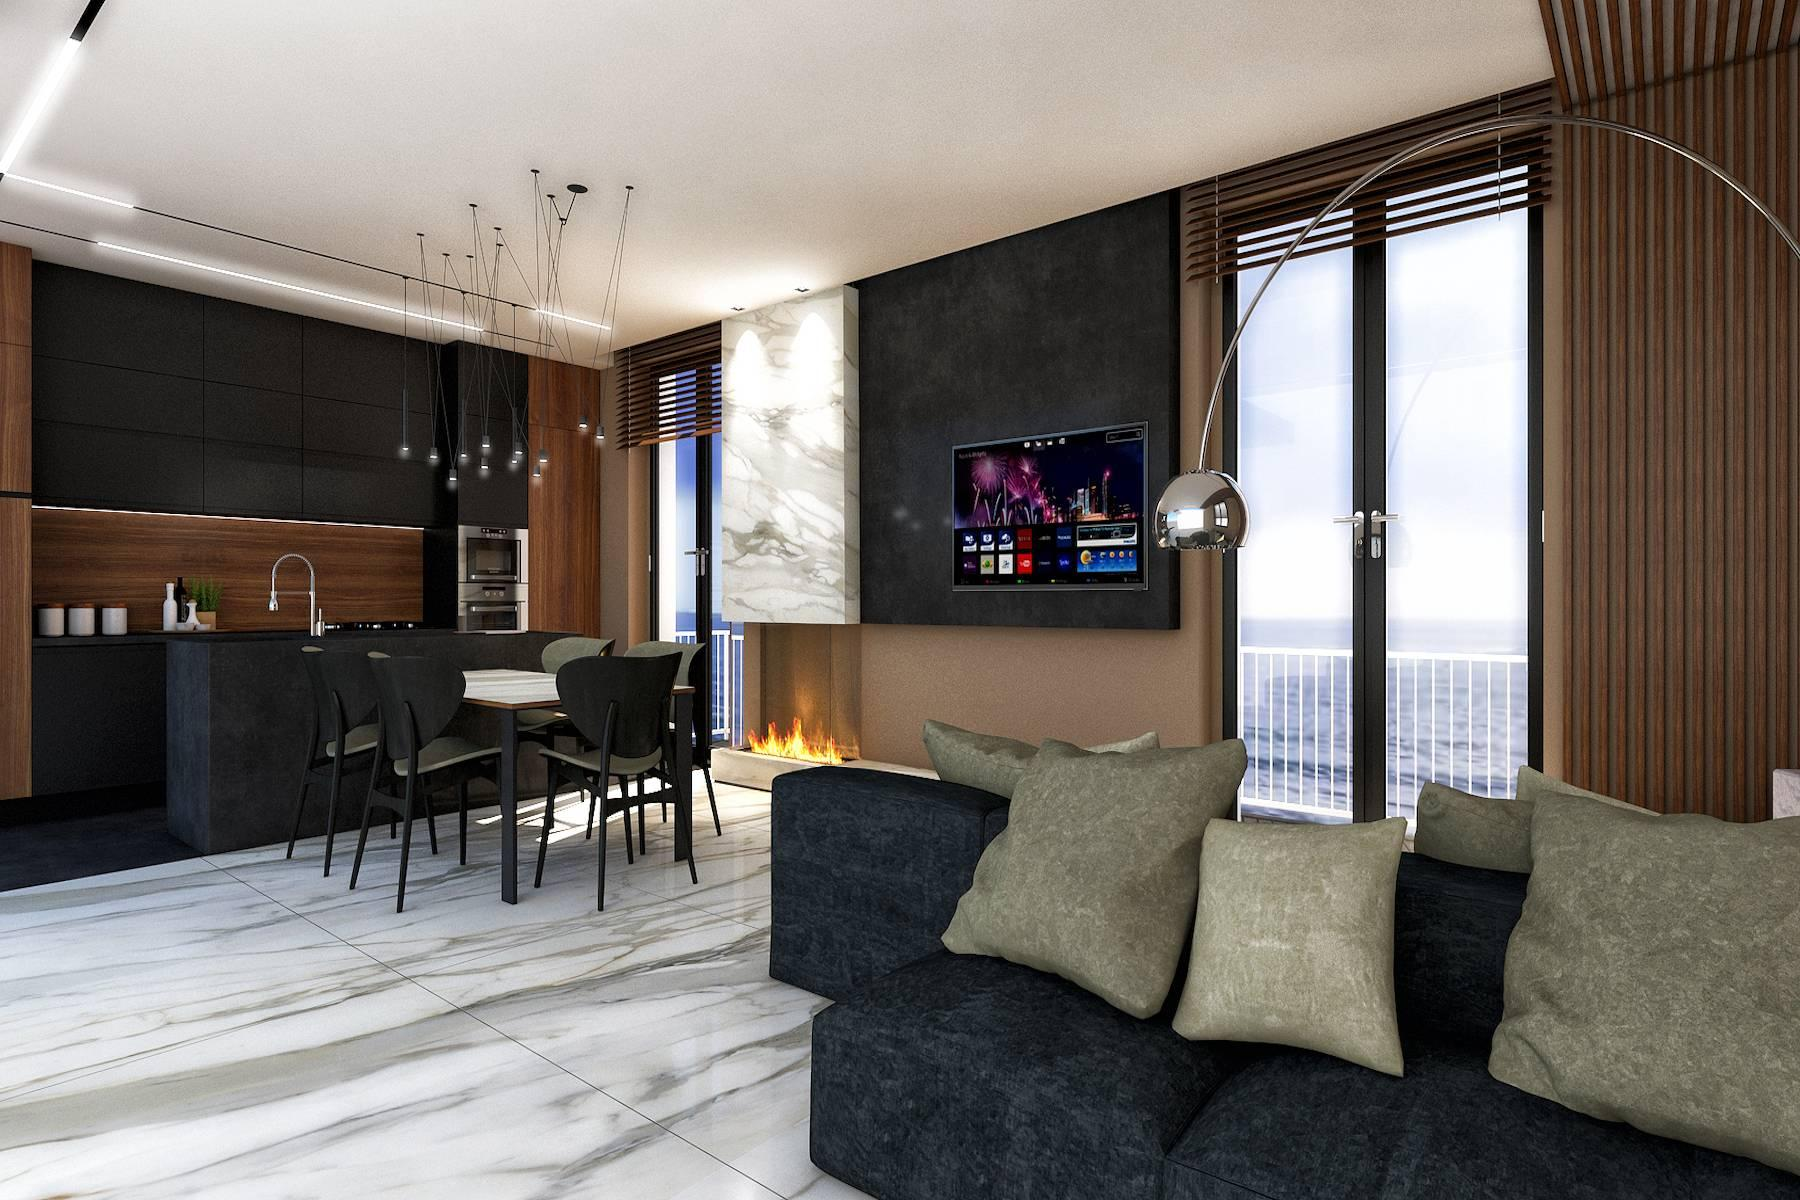 Luxus-Wohnung am Meer in Viareggio - 1